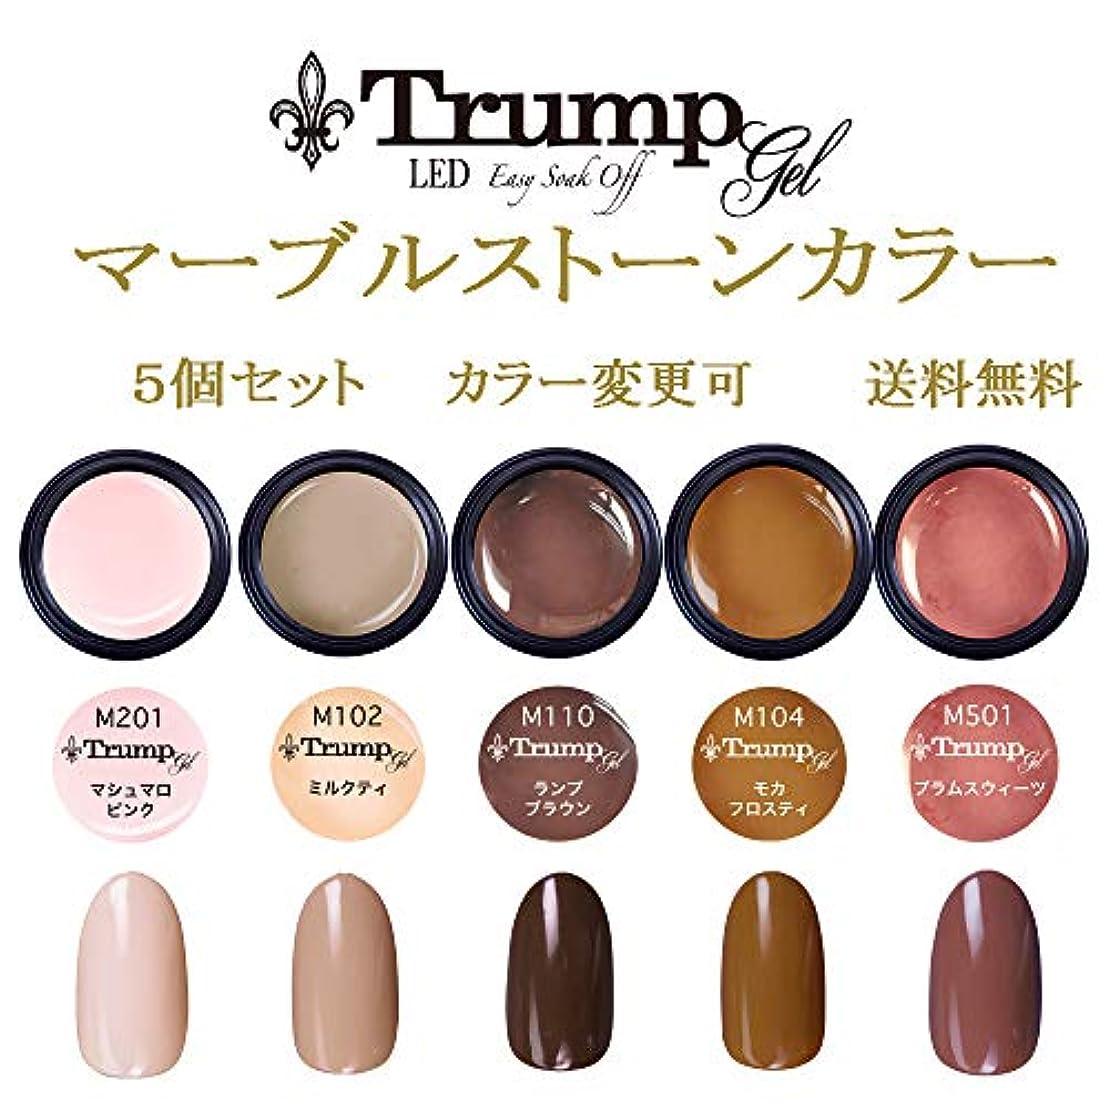 韻慈善キャップ【送料無料】日本製 Trump gel トランプジェル マーブルストーン カラージェル 5個セット 人気の大理石ネイルカラーをチョイス